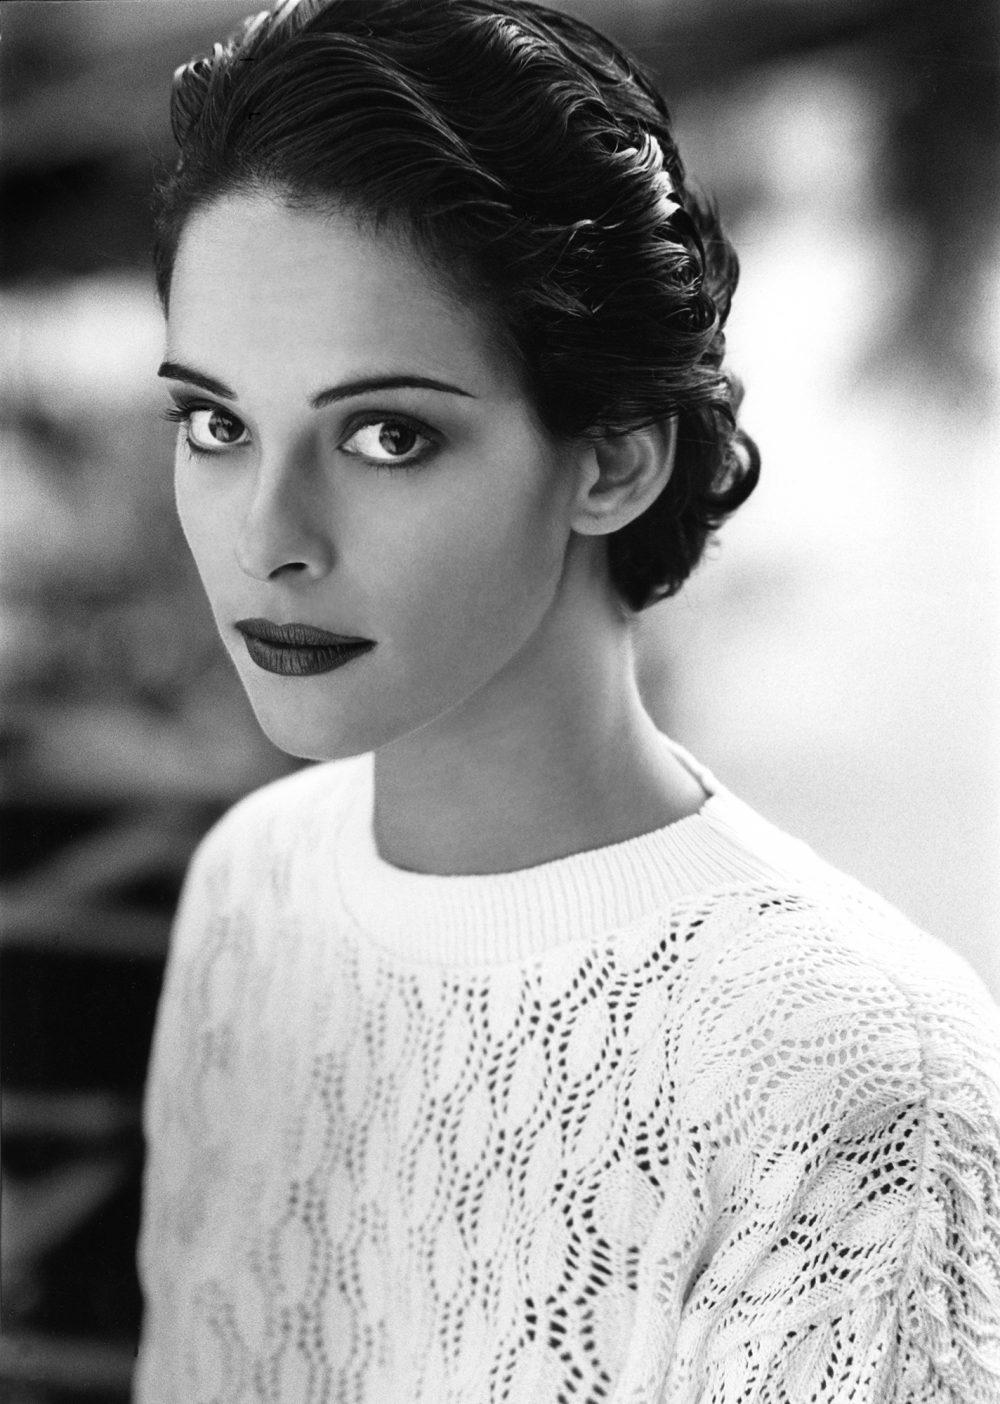 Photo de mode noir et blanc d'une femme coiffée style rétro / Photographe éditorial à Québec